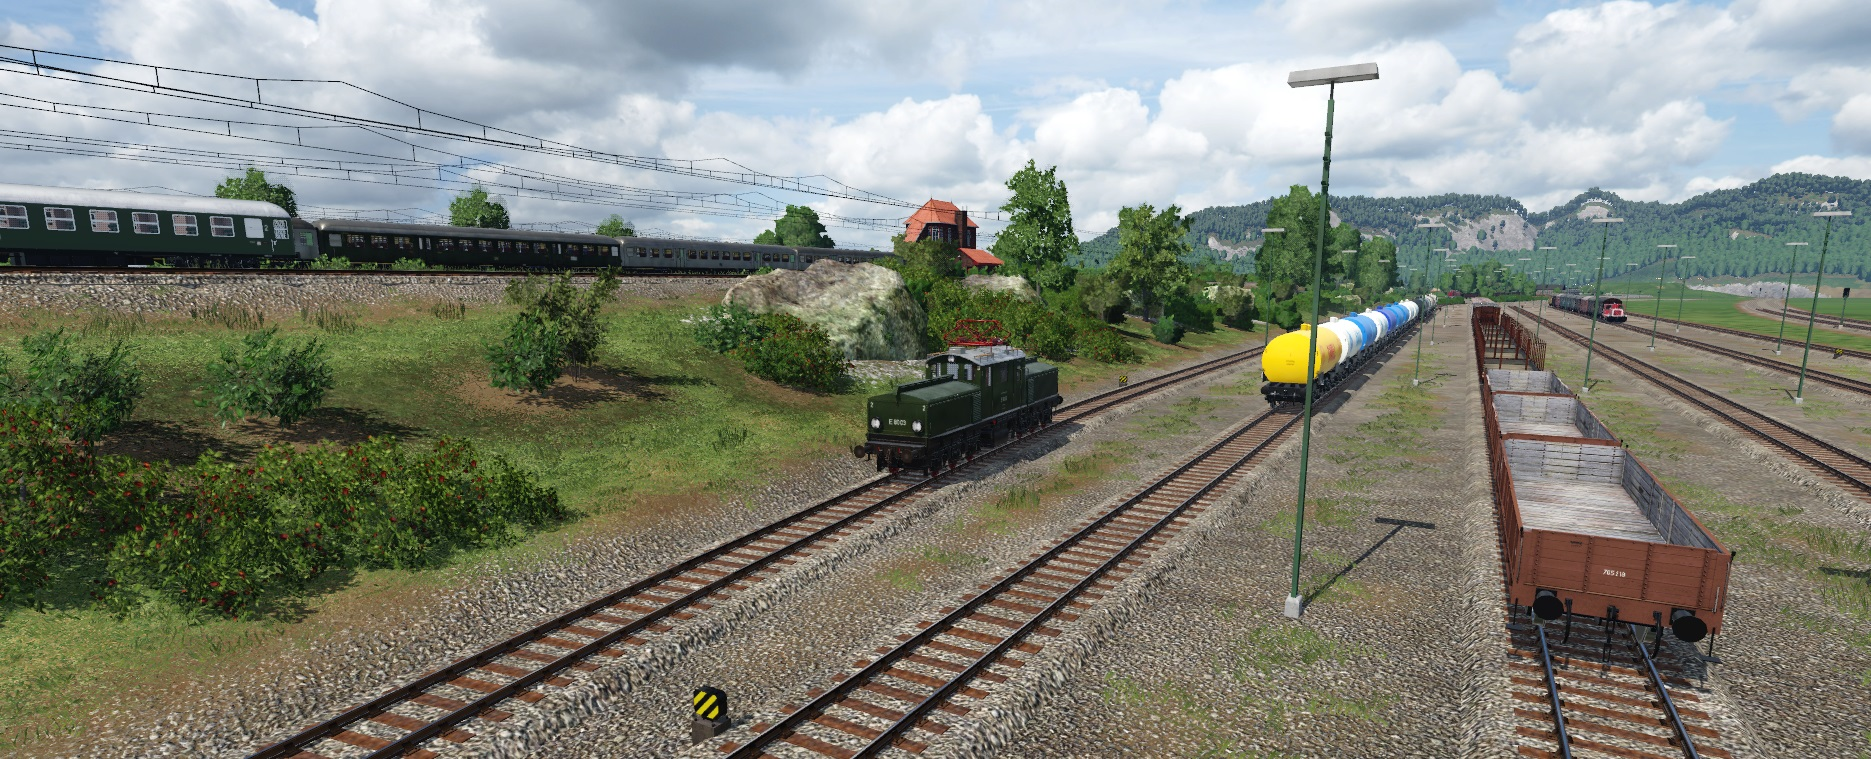 E 80 im Rangierbetrieb im Schwarzwald